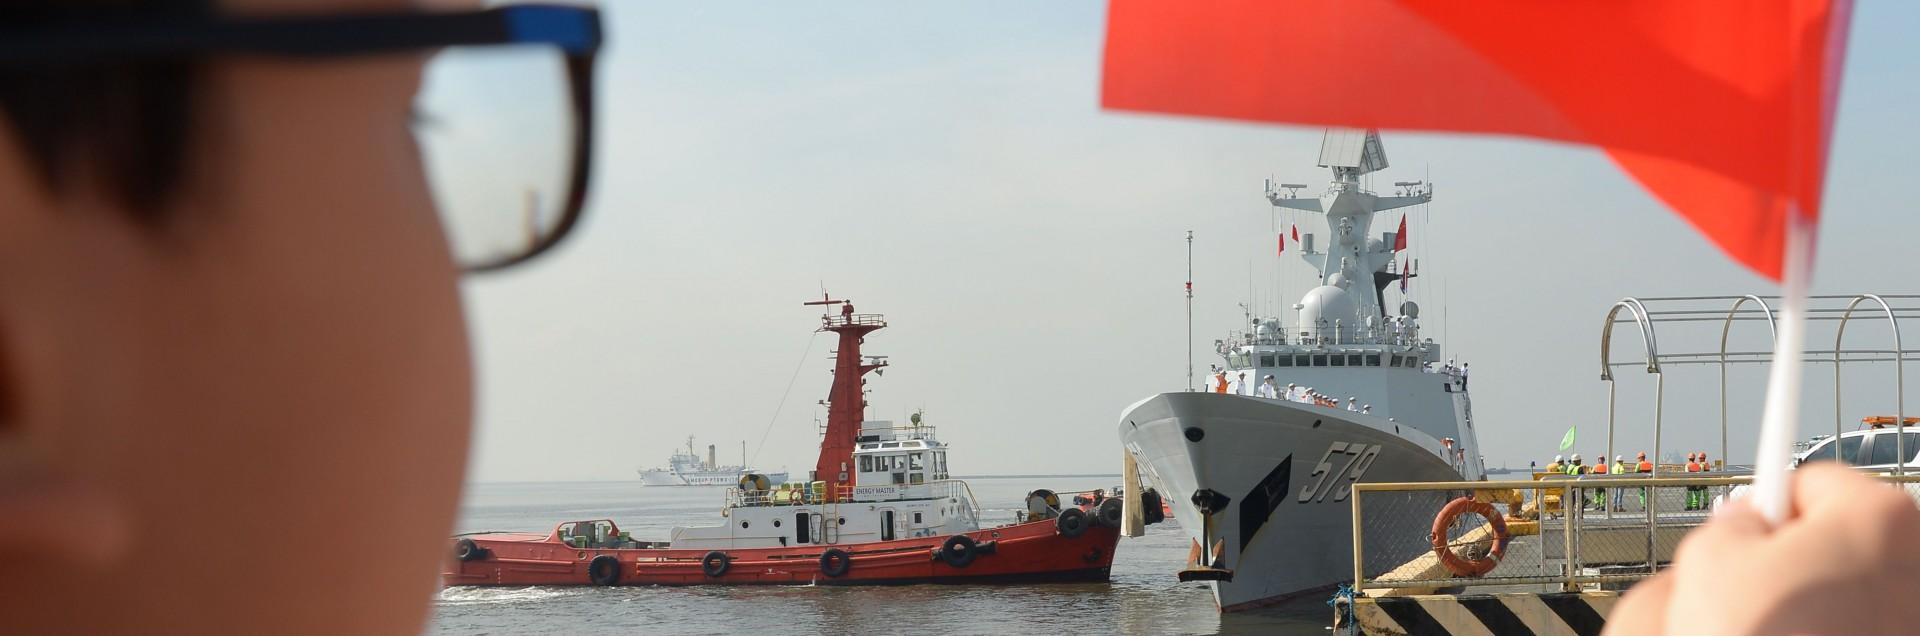 La Cina sta conquistando i porti europei